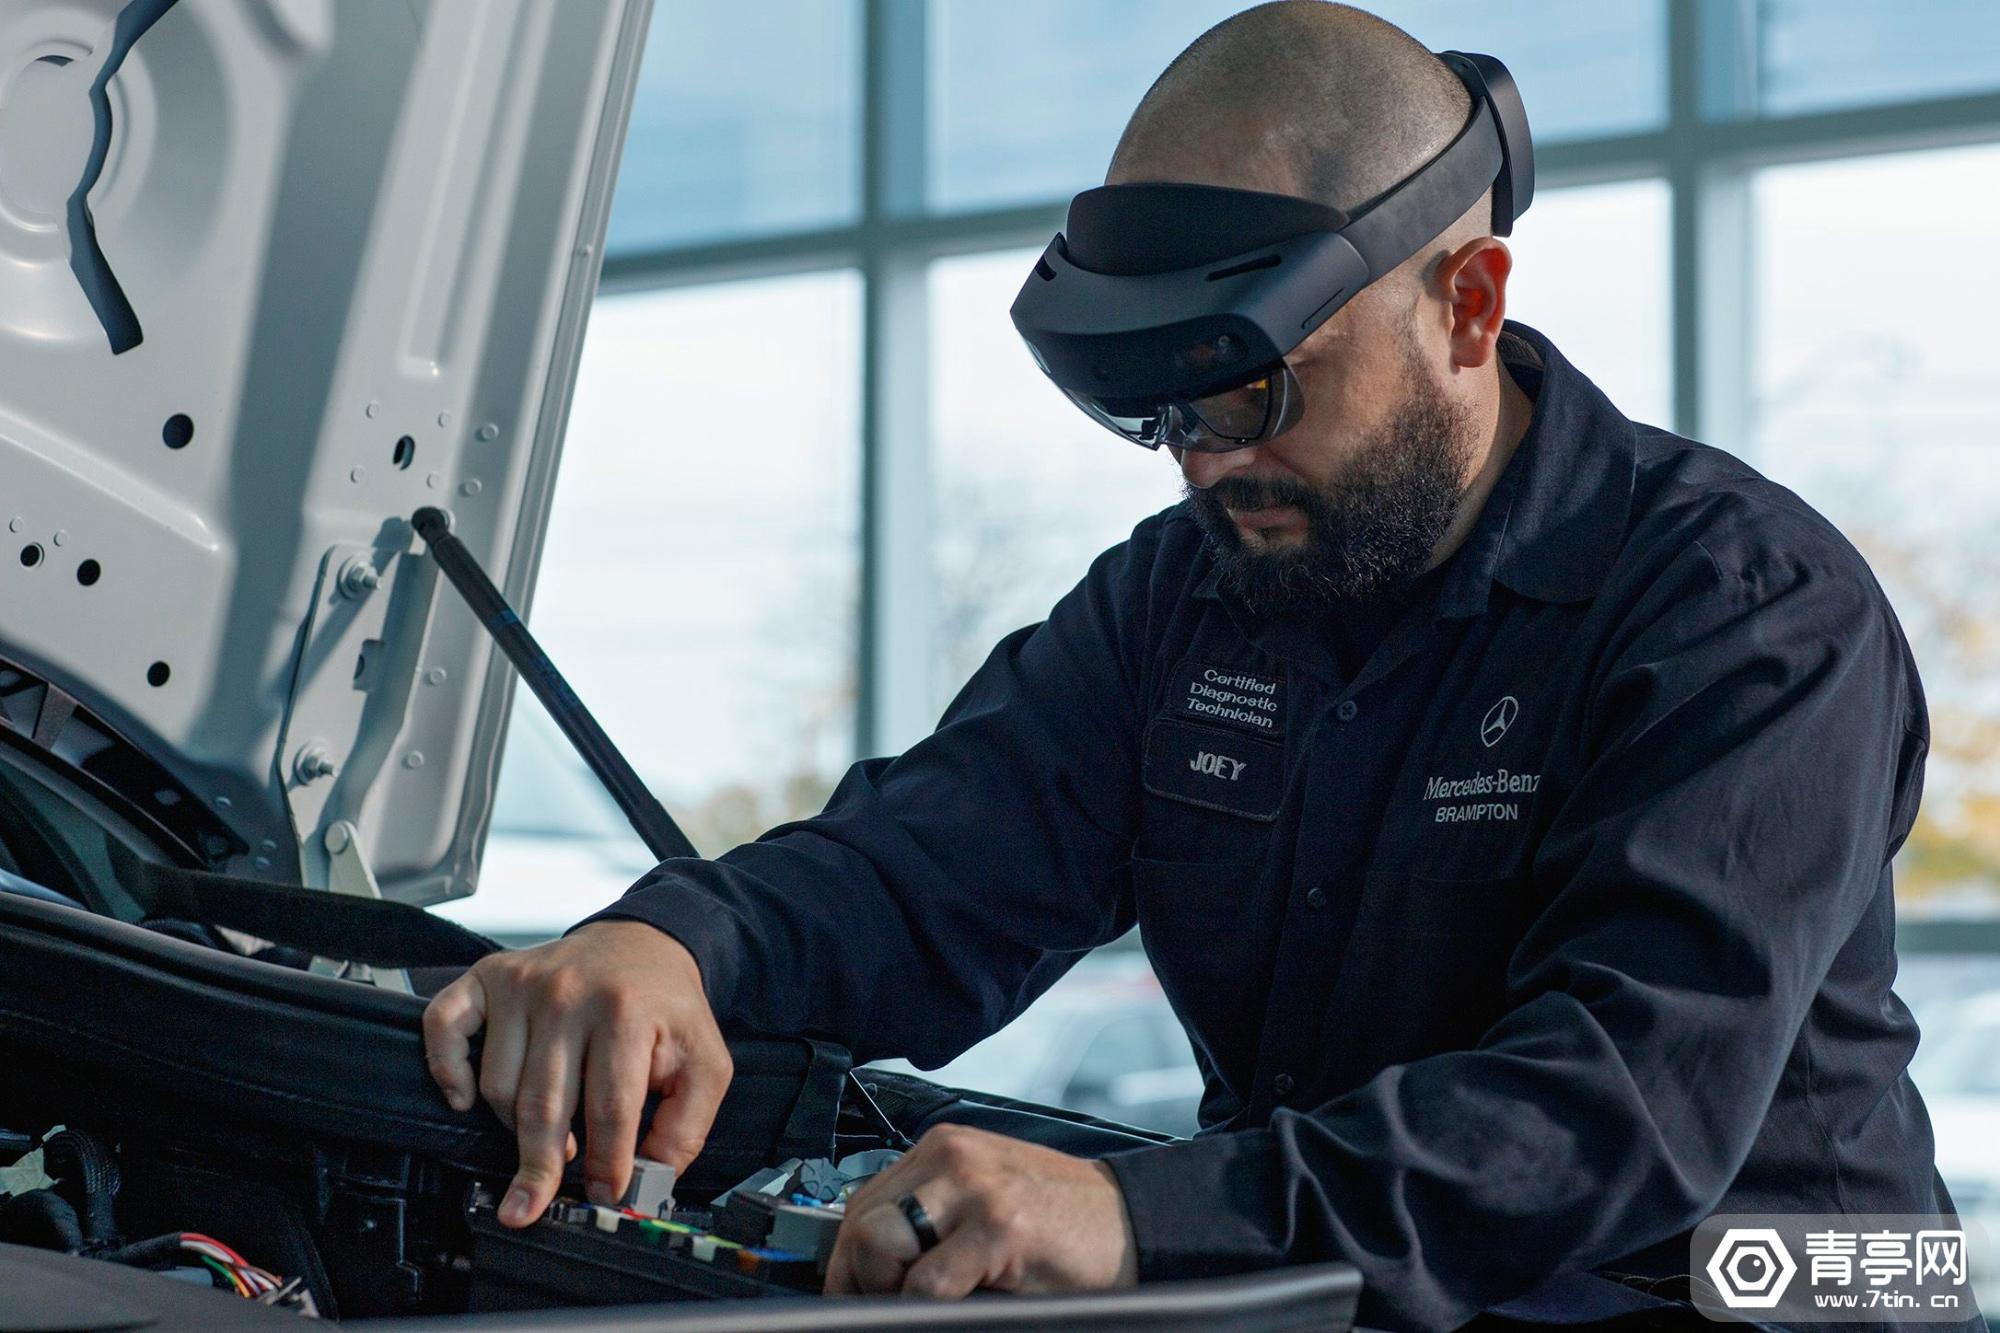 奔驰加拿大门店用HoloLens 2辅助汽车维修,效率或提升30%